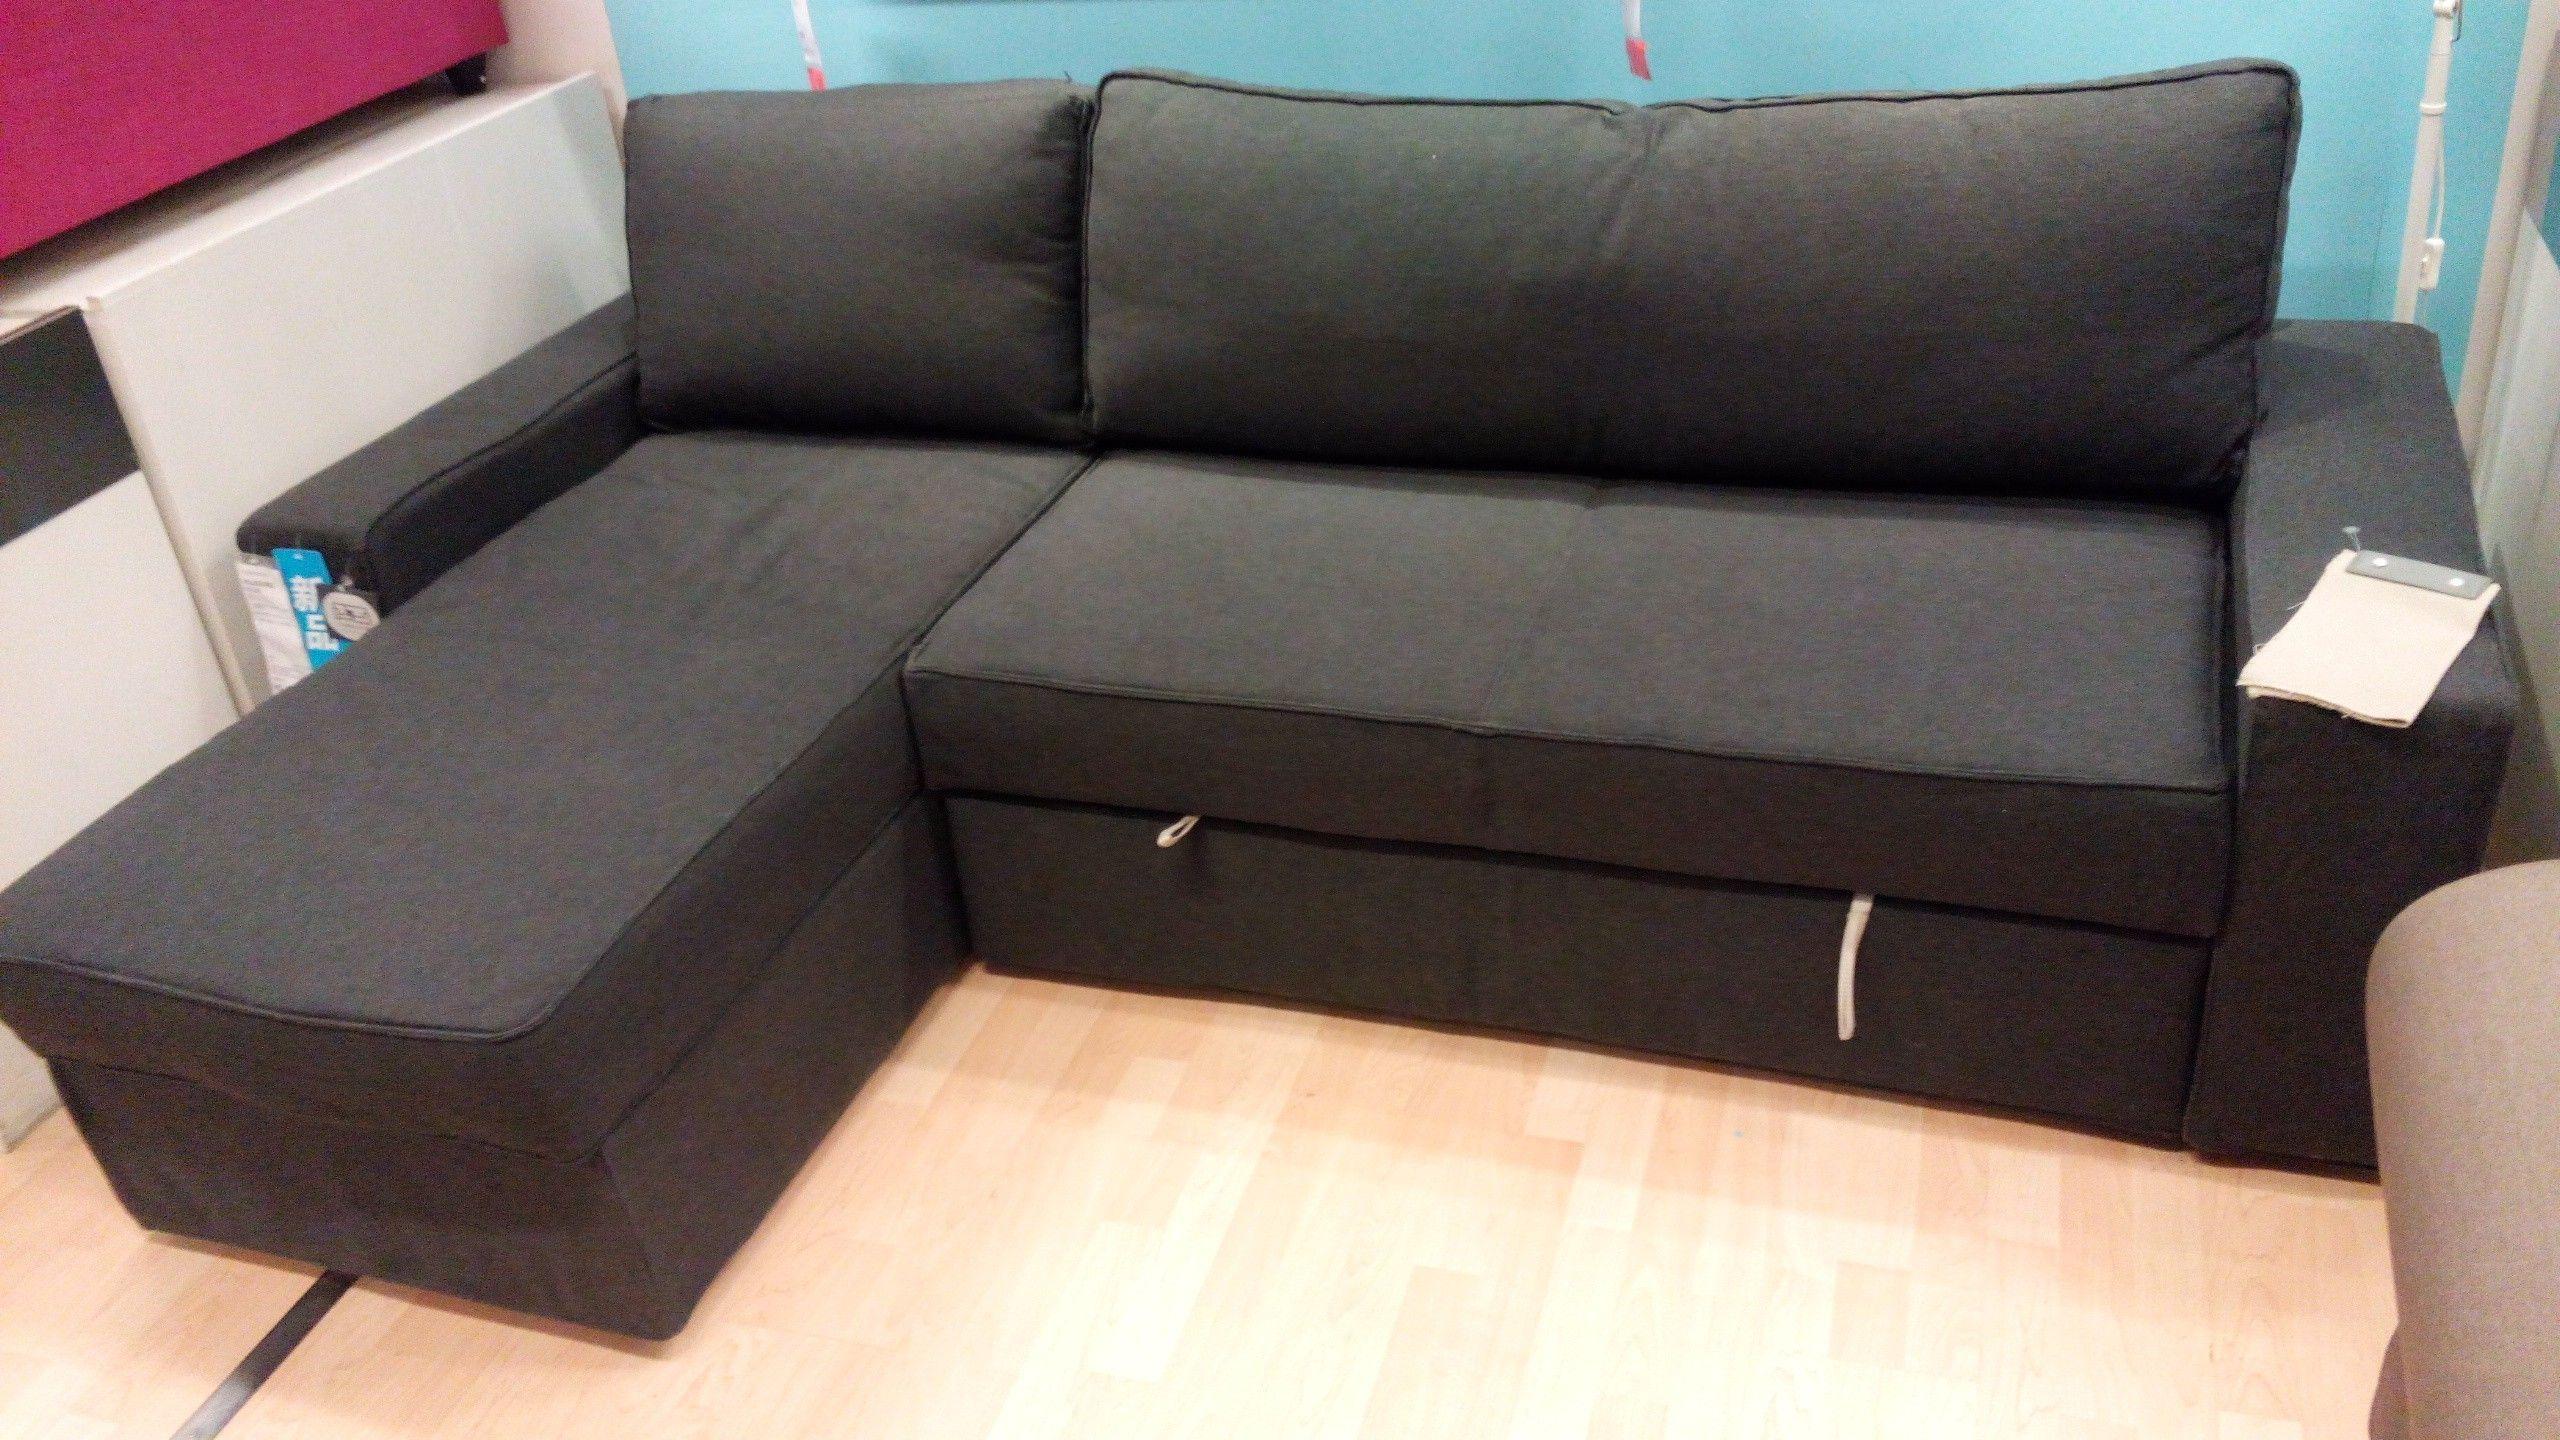 Sectional Schlafsofa Ikea Sessel Diese Vielen Bilder Von Schnitt Schlafsofa Ikea Liste Konnen Ihre Inspi